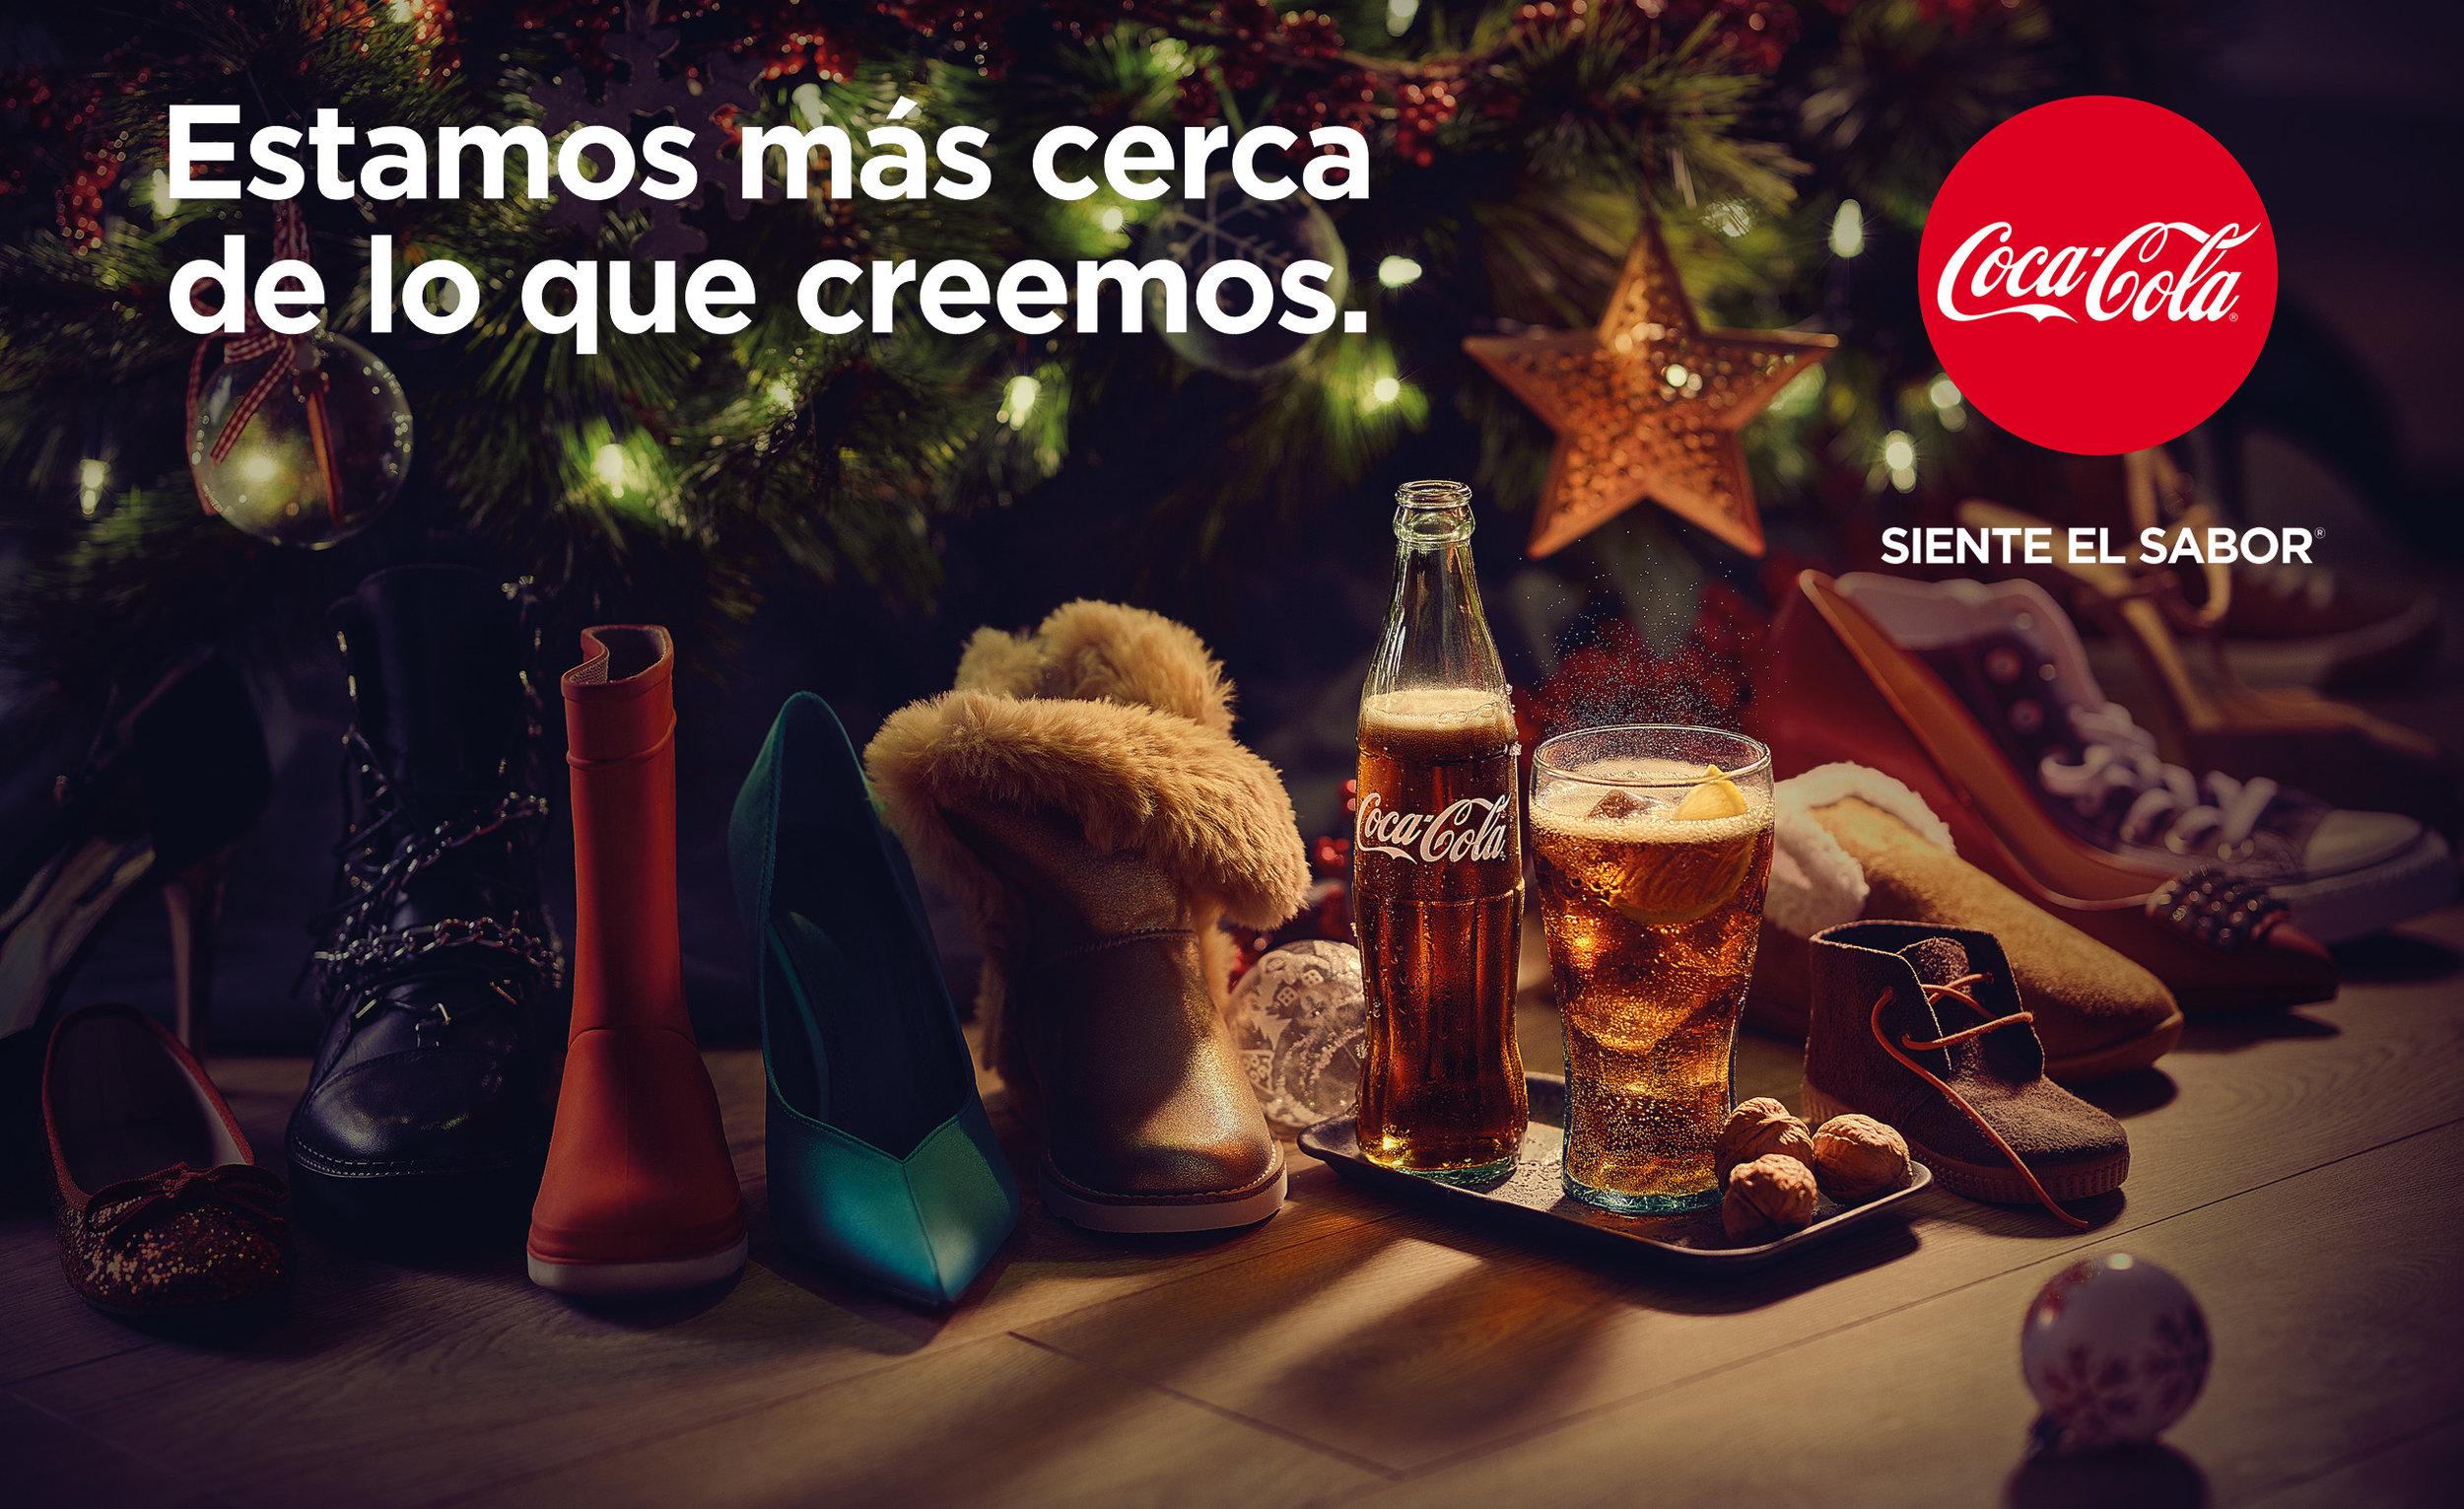 CocaColanavidad.jpg